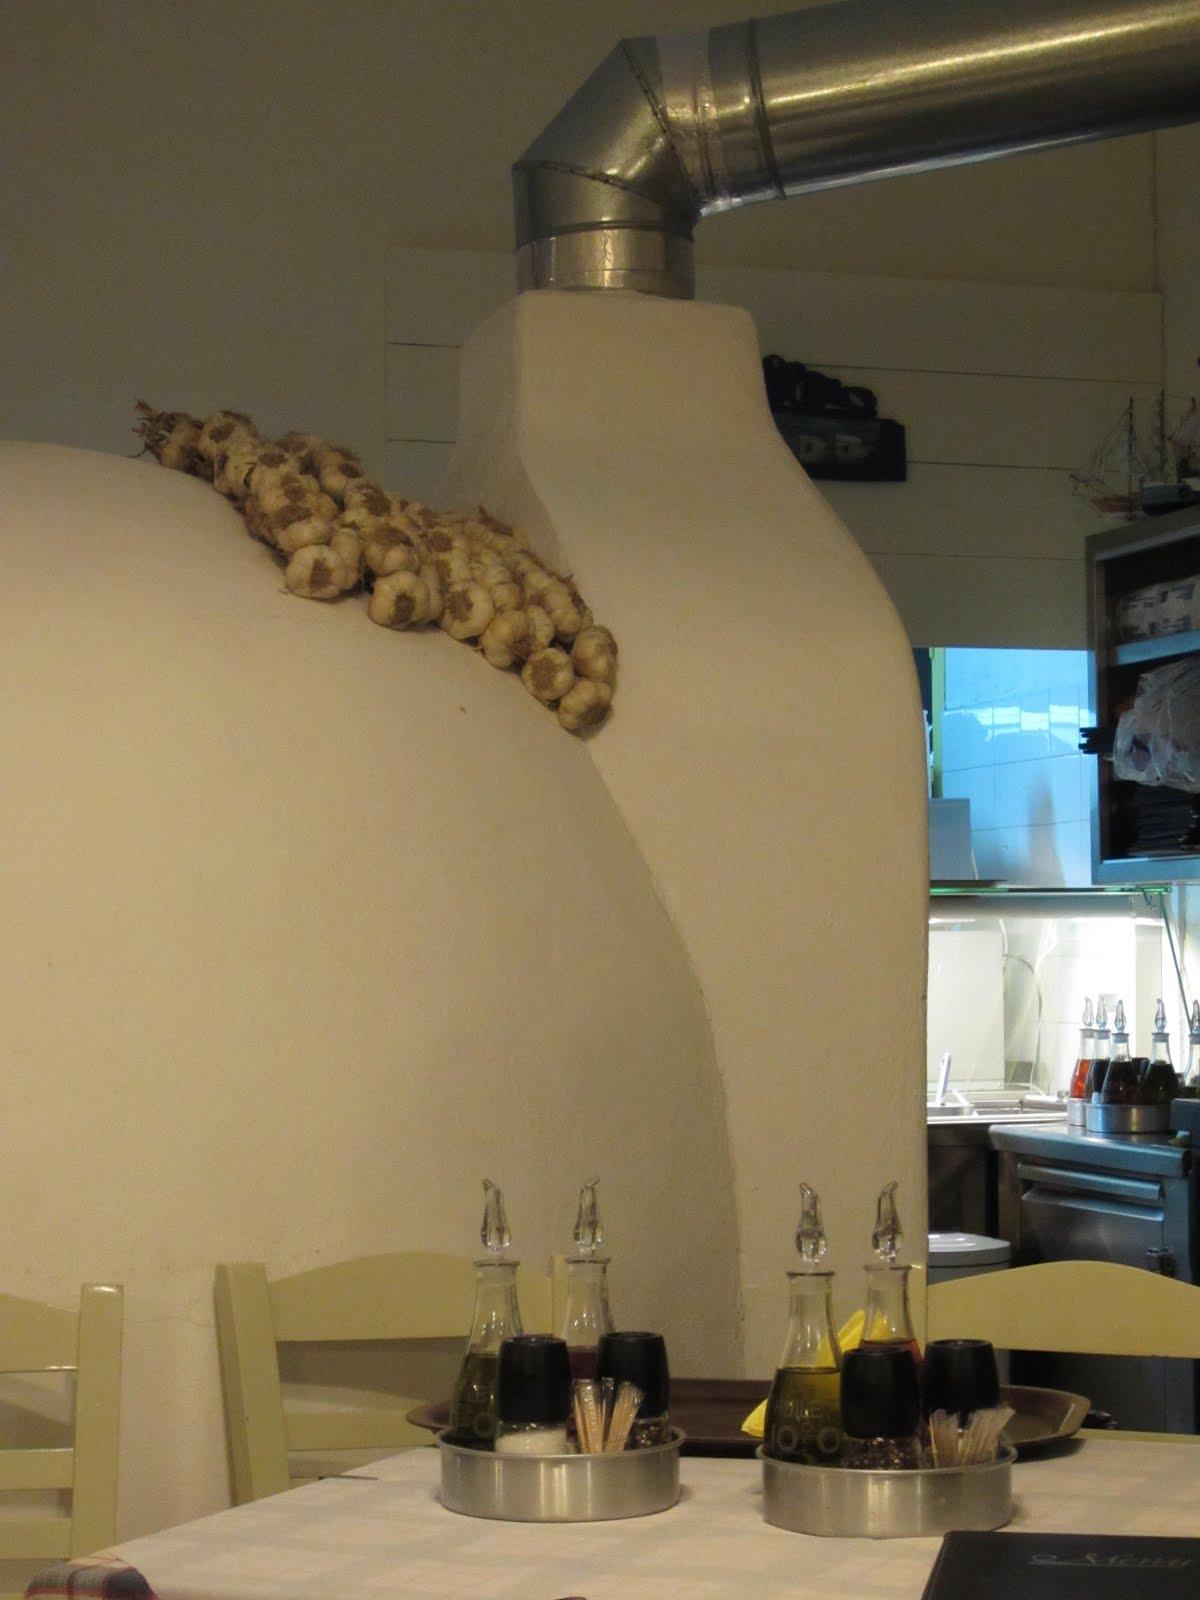 Sognare sognare aglio significato e interpretazione for Piantare aglio